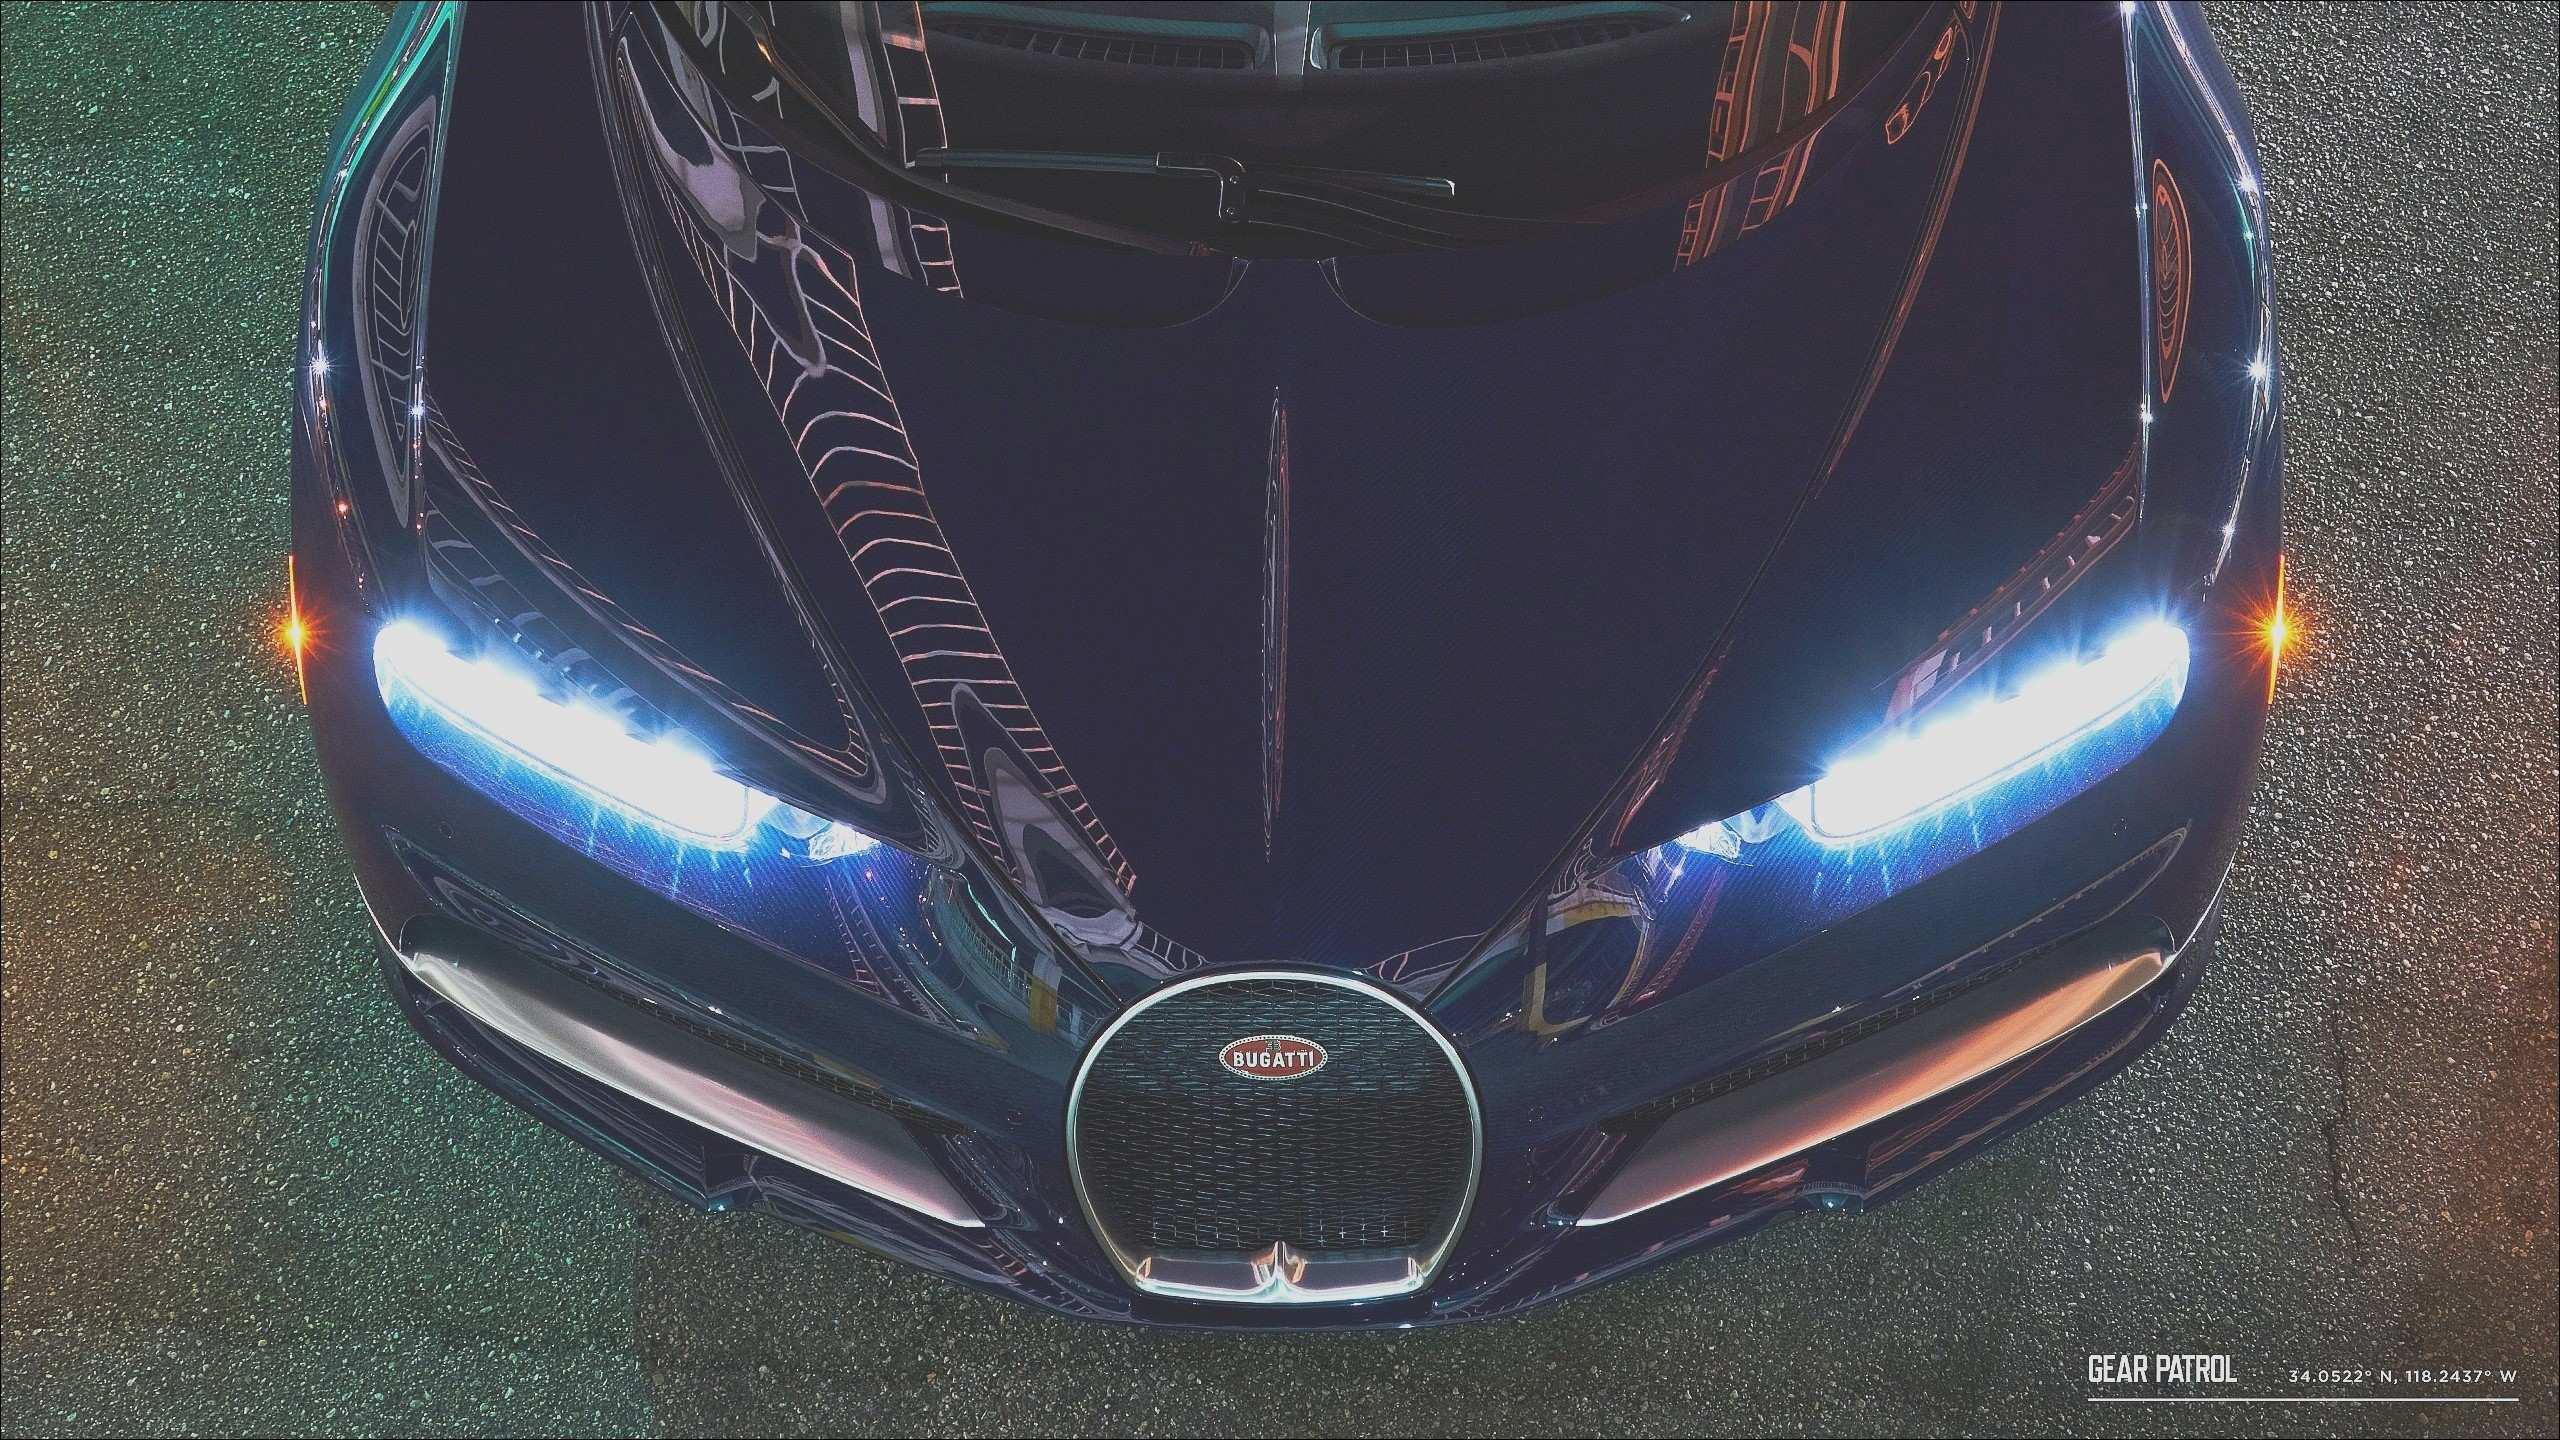 Ausmalbilder Bugatti Chiron Einzigartig Autos Zum Ausmalen Vorlagen Vorstellung 40 Hase Ausmalbilder Bilder